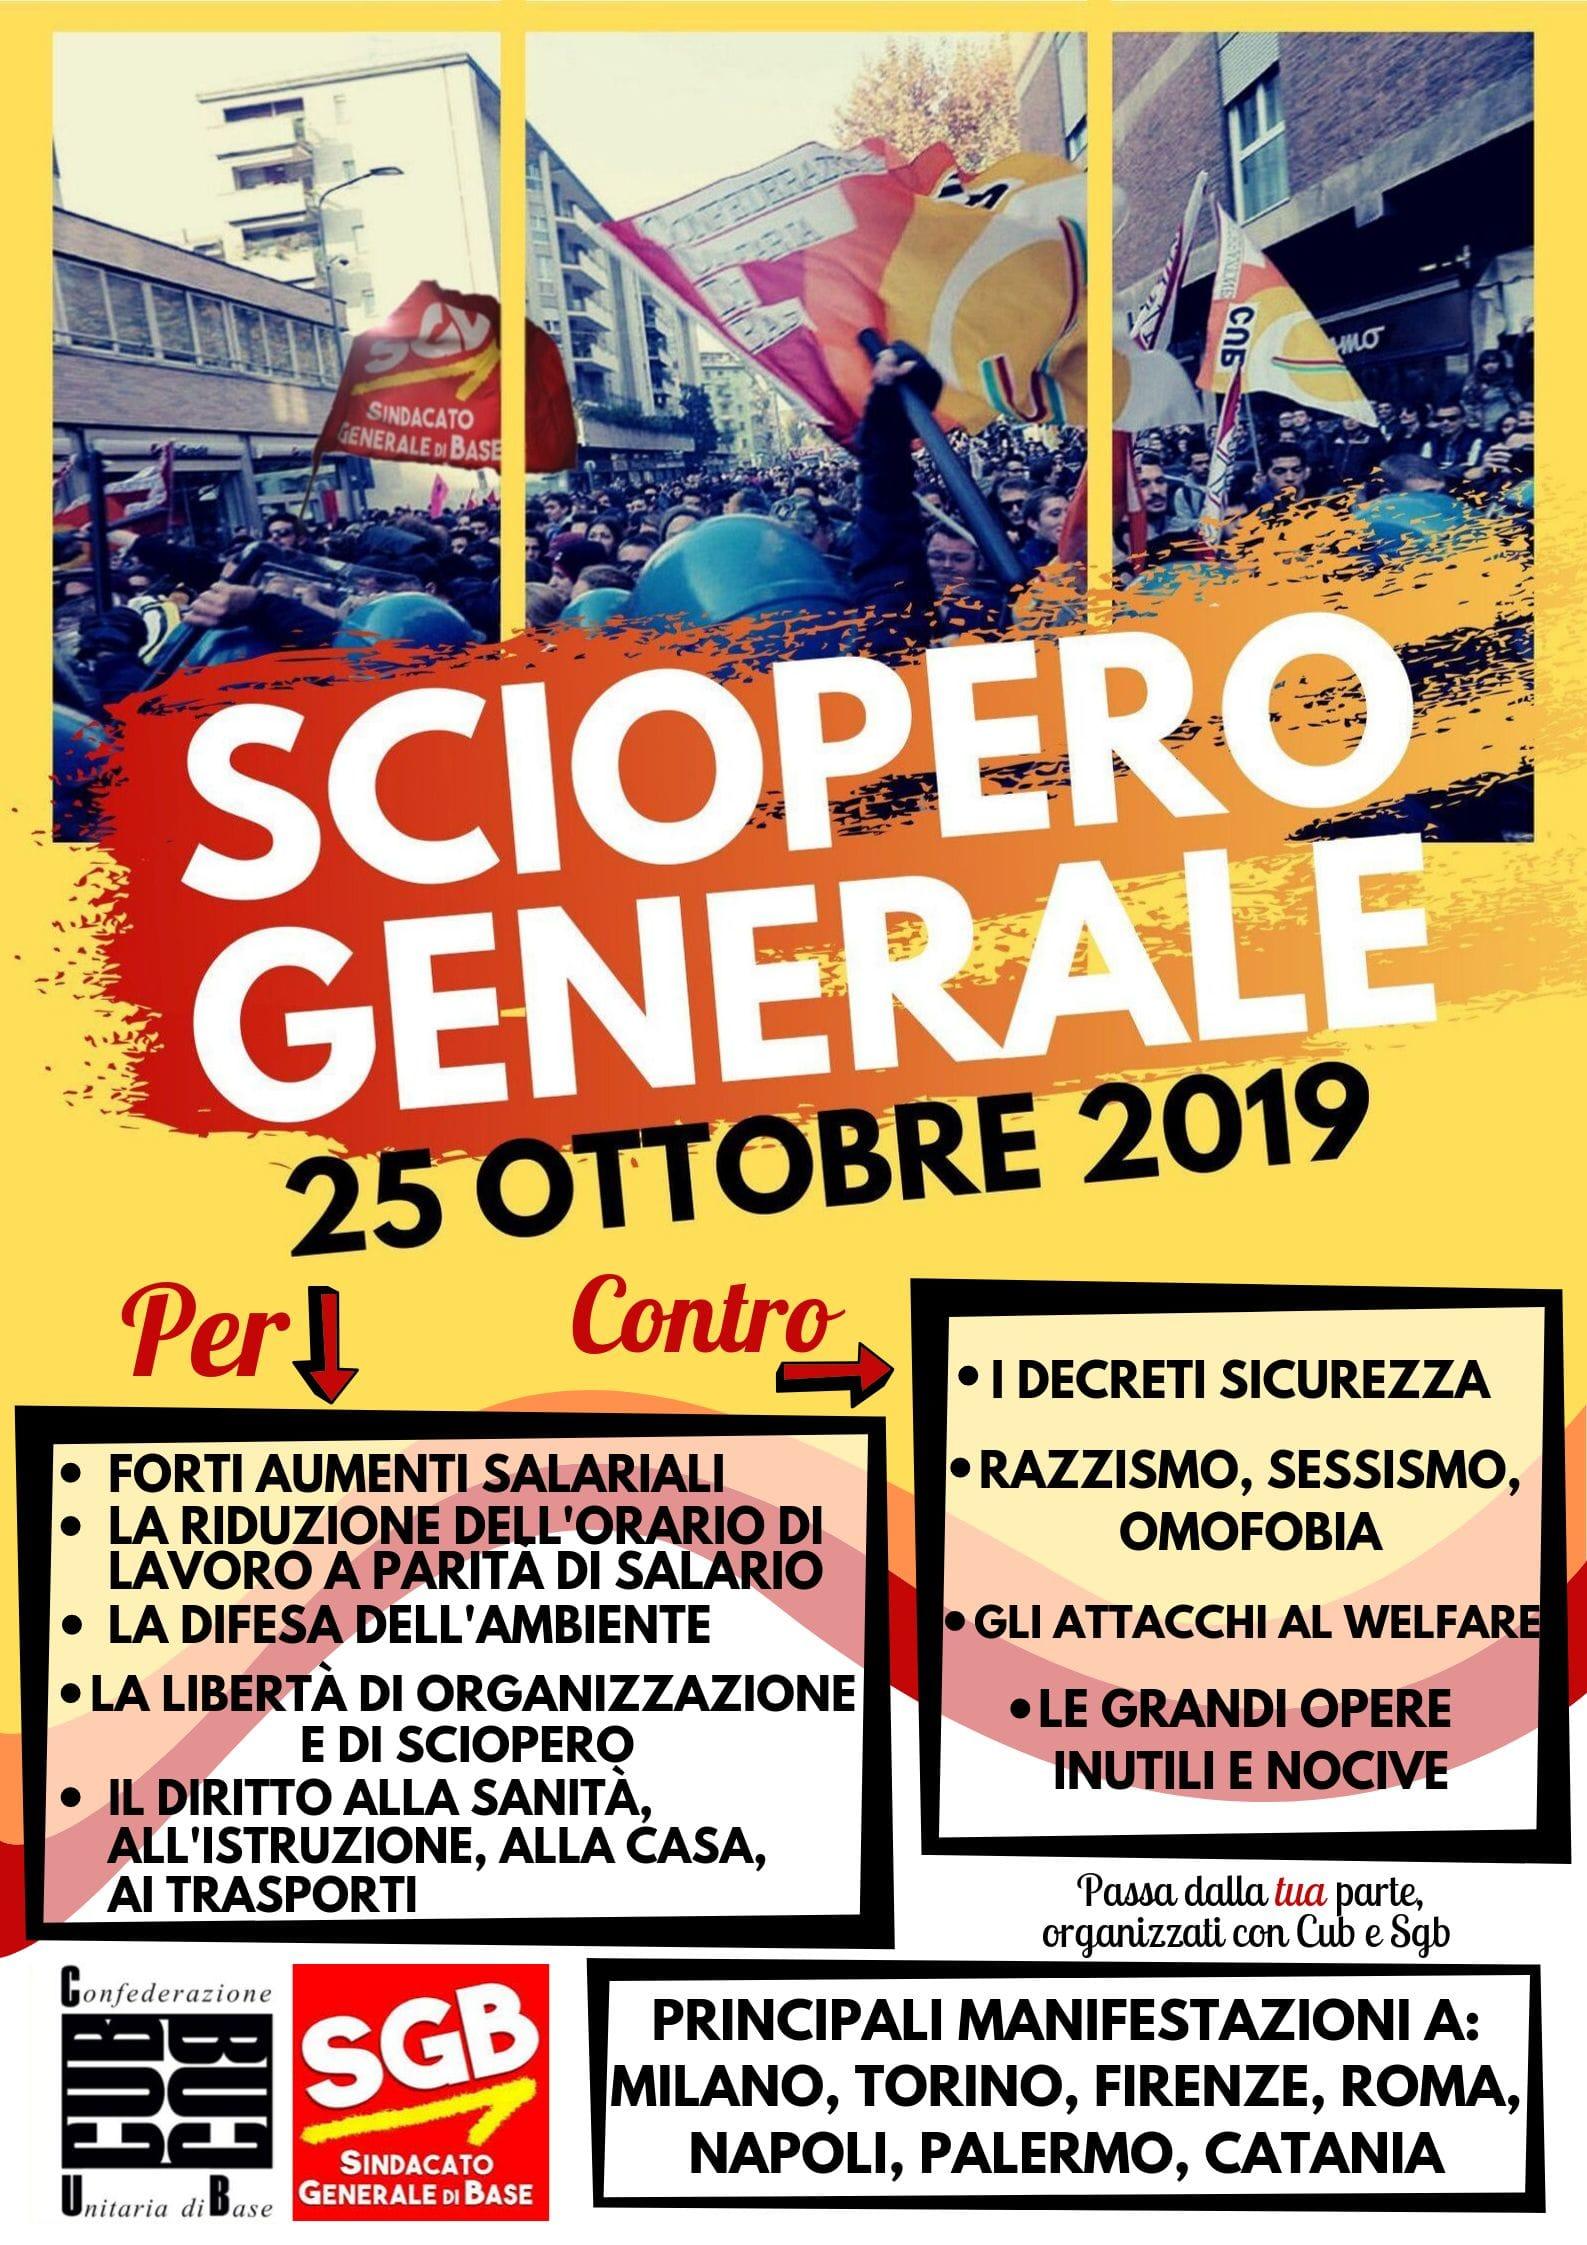 sciopero-generale-25-ottobre-locandina-2